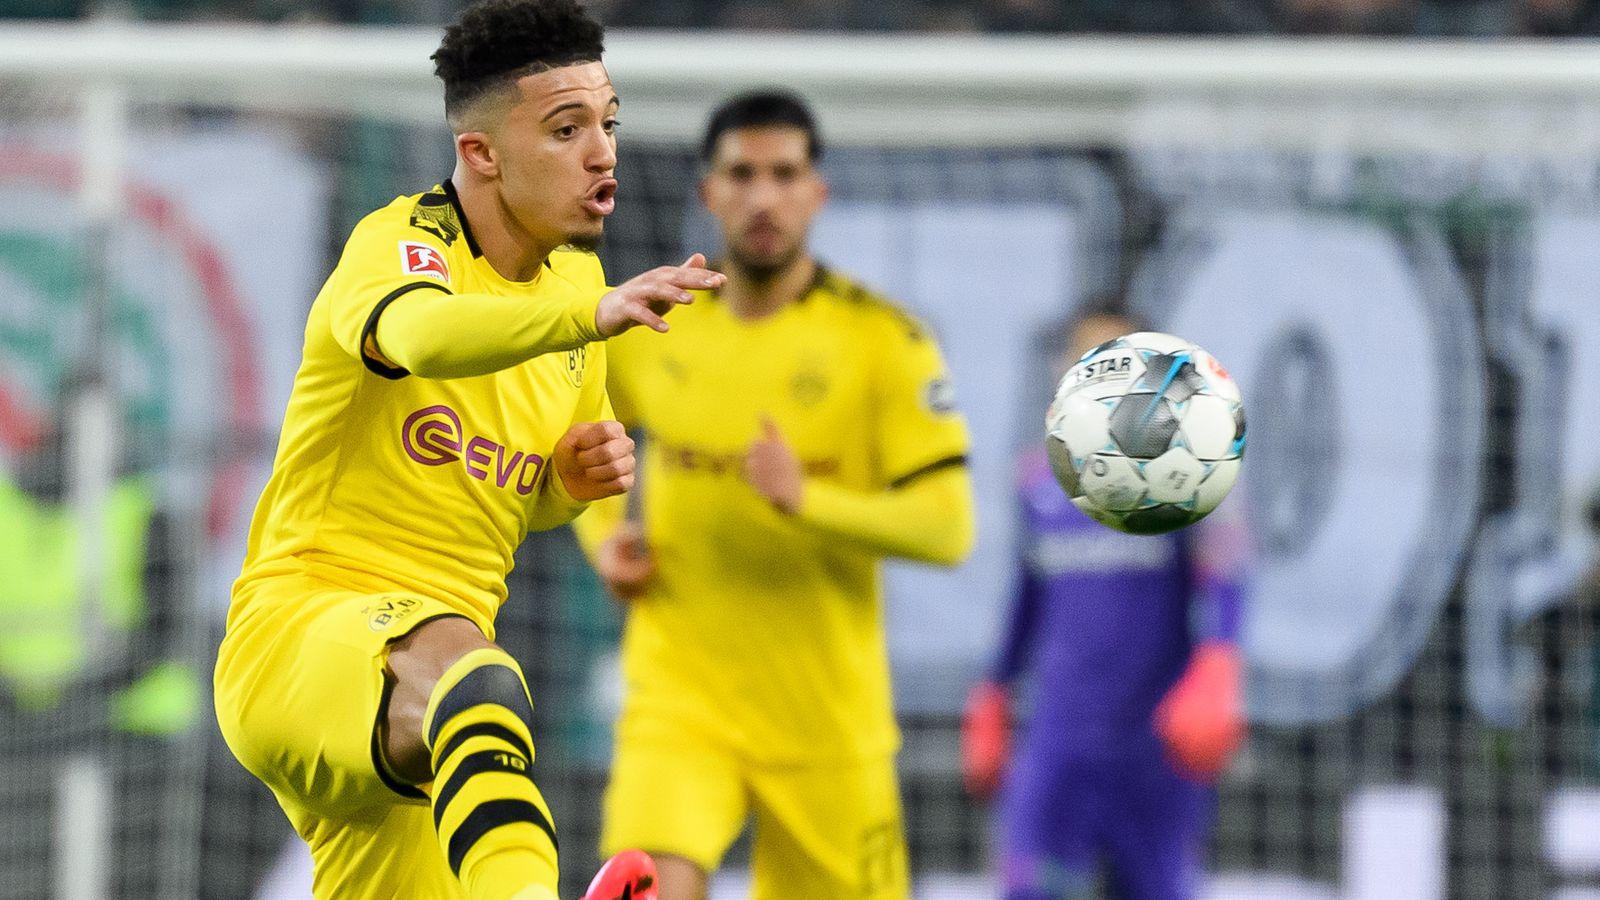 BVB Transfer News: Neuentwicklung in Jadon Sancho |  Fußballnachrichten